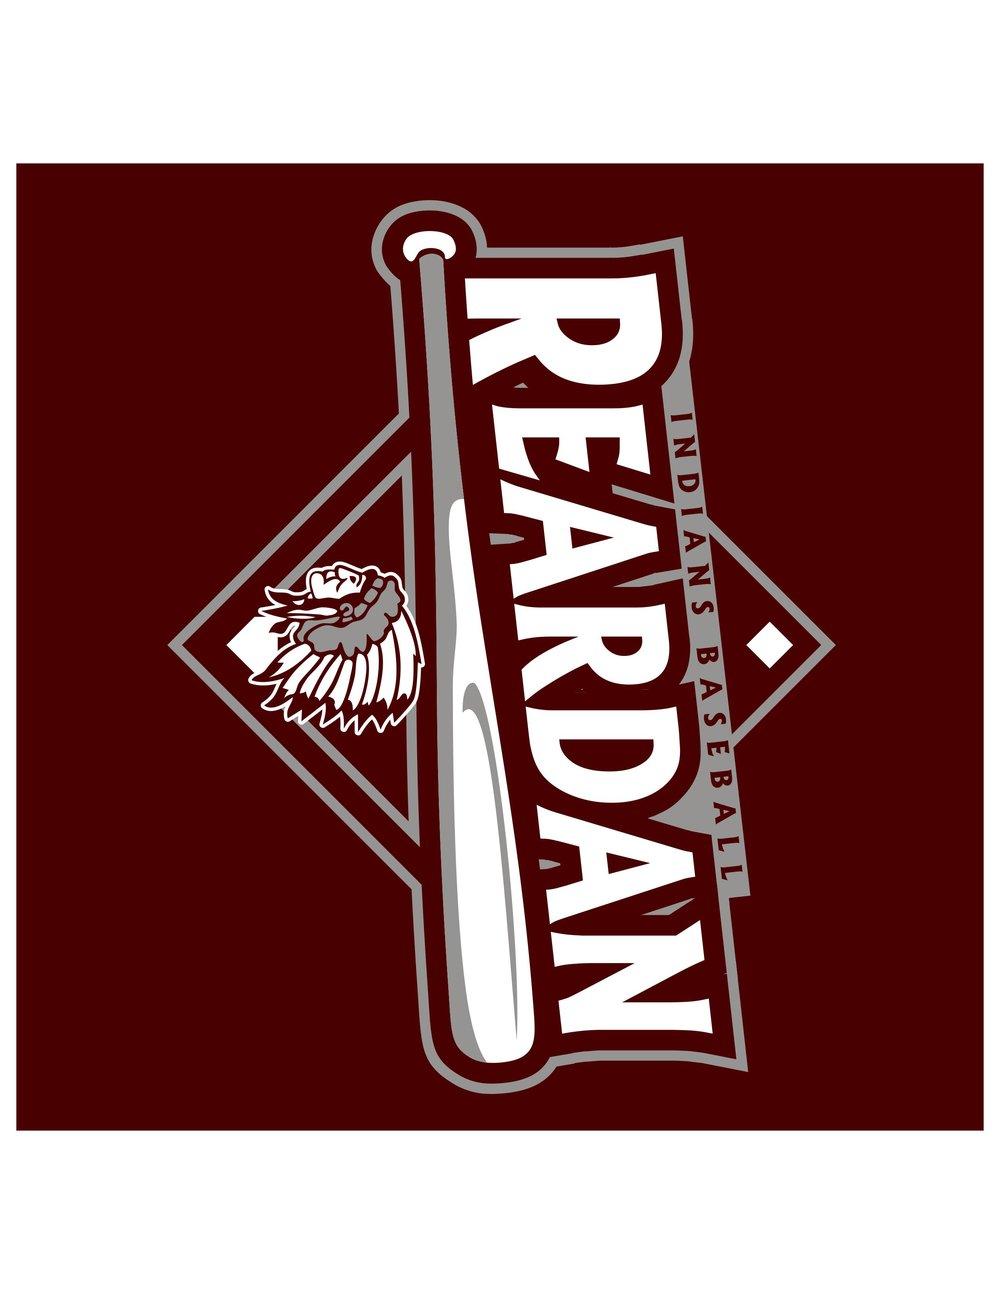 Reardan High School Baseball - Reardan, WA